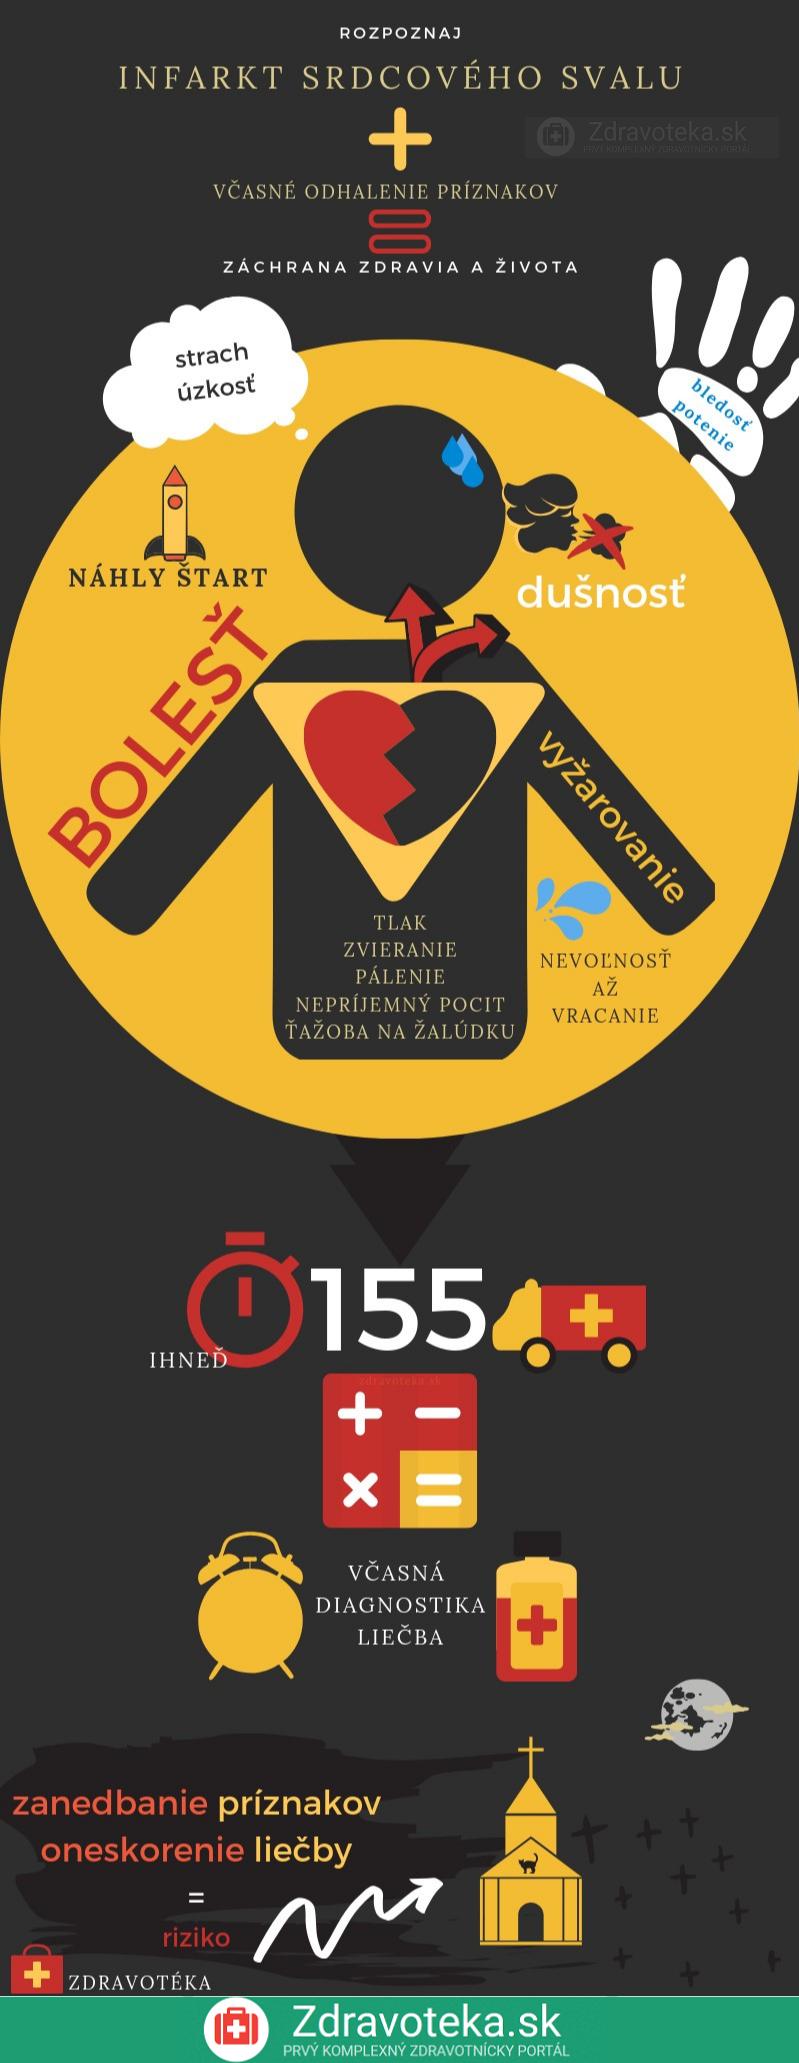 Infografika s typickými príznakmi pre srdcový infarkt a s významom včasnej diagnostiky a liečby